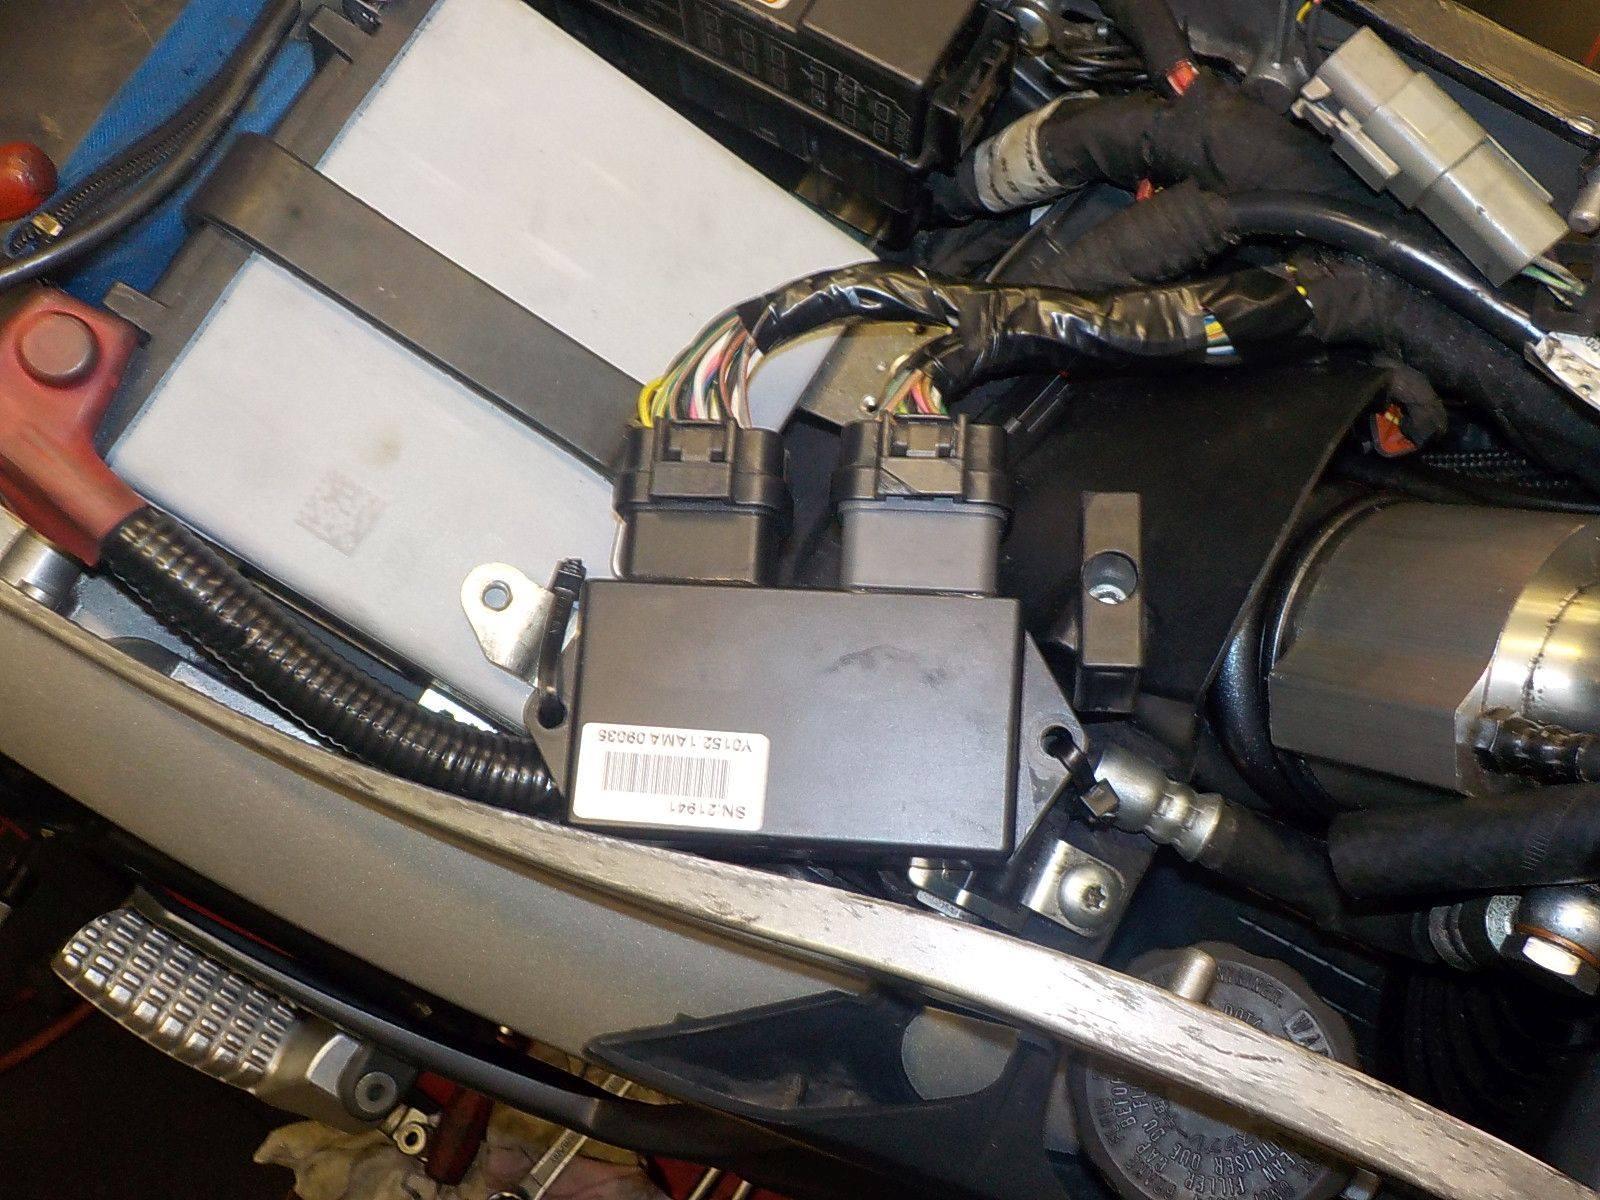 6-4-2018 Buell XB12 Scg belt tensioner, steering damper